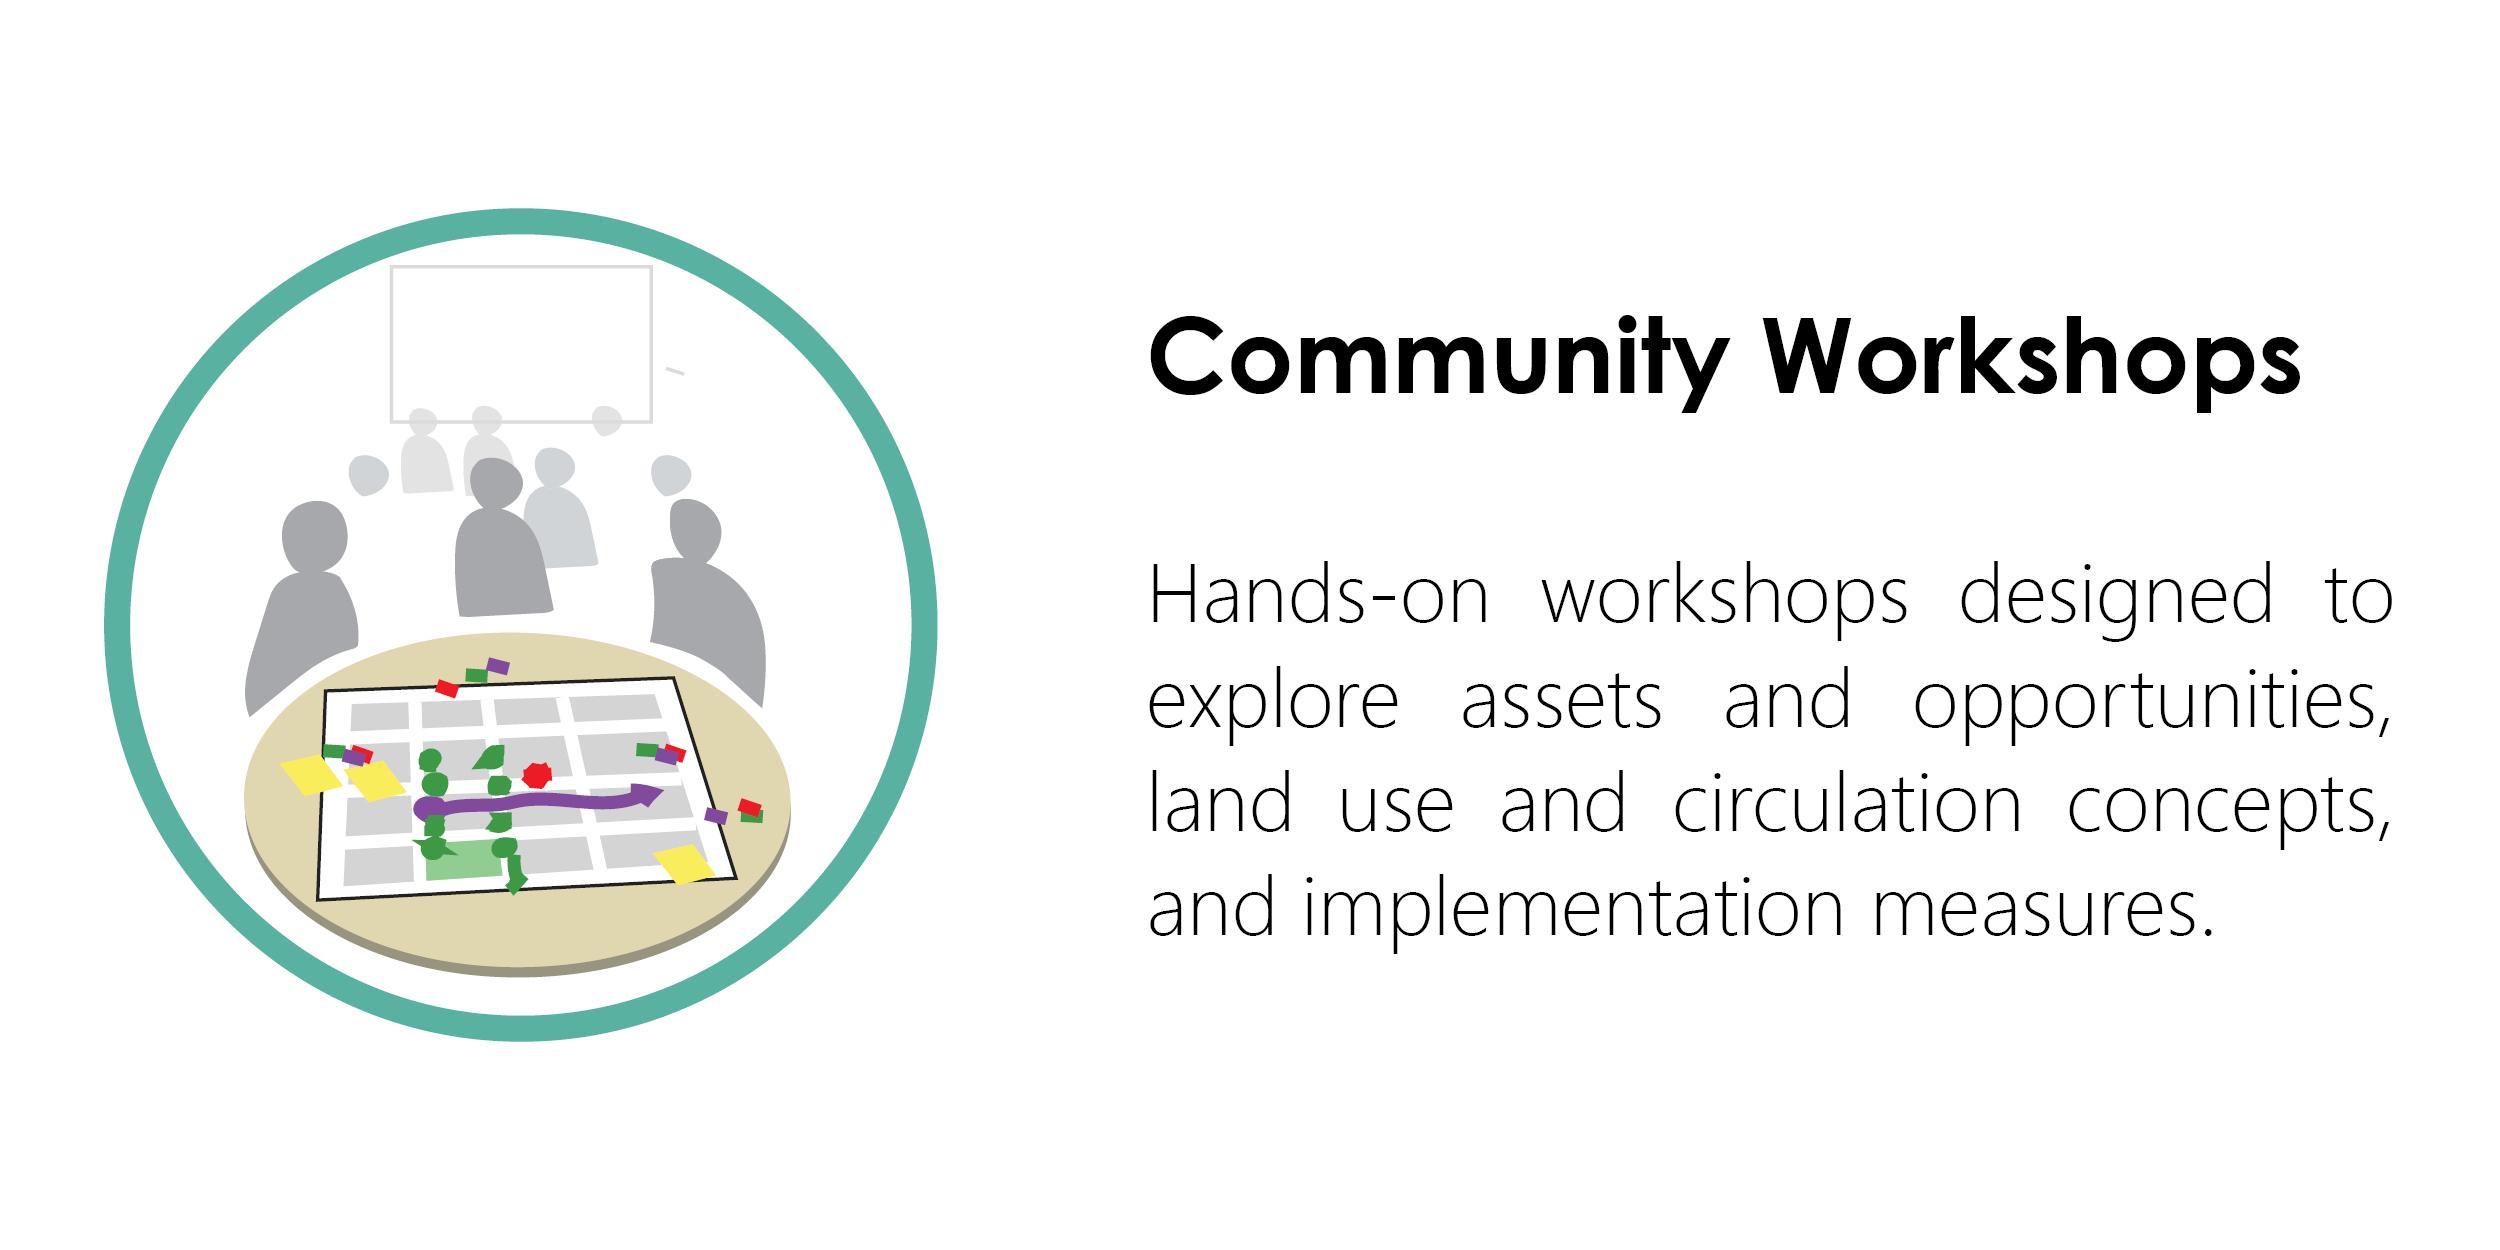 Logo and description of Community Workshops.